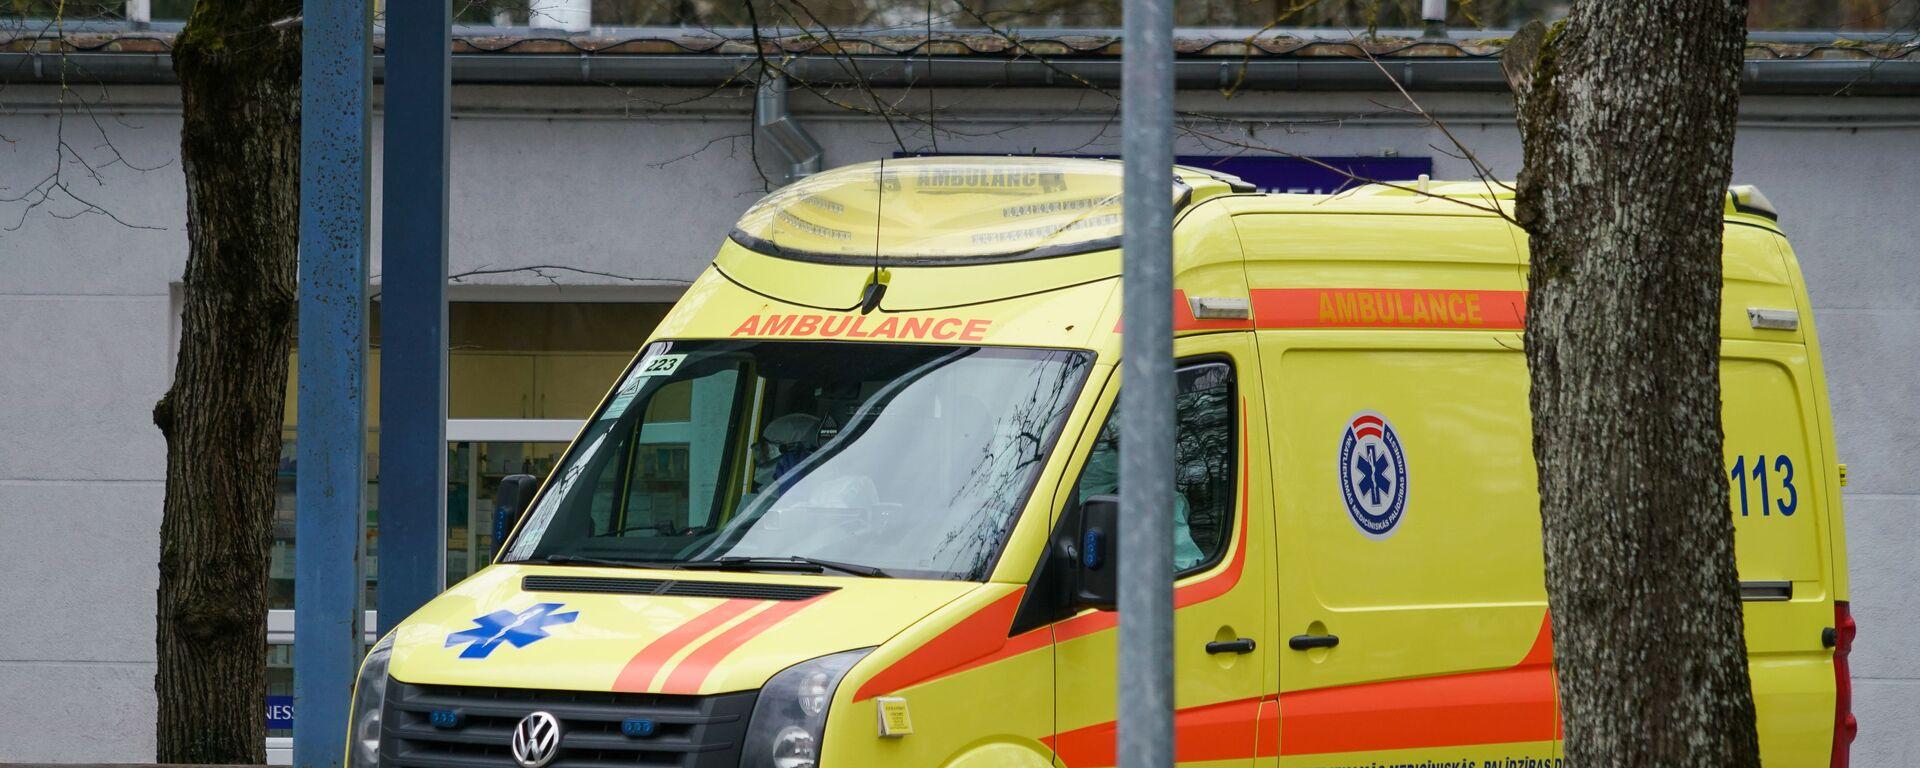 Карета скорой помощи прибывает в Латвийский центр инфектологии - Sputnik Латвия, 1920, 04.05.2021